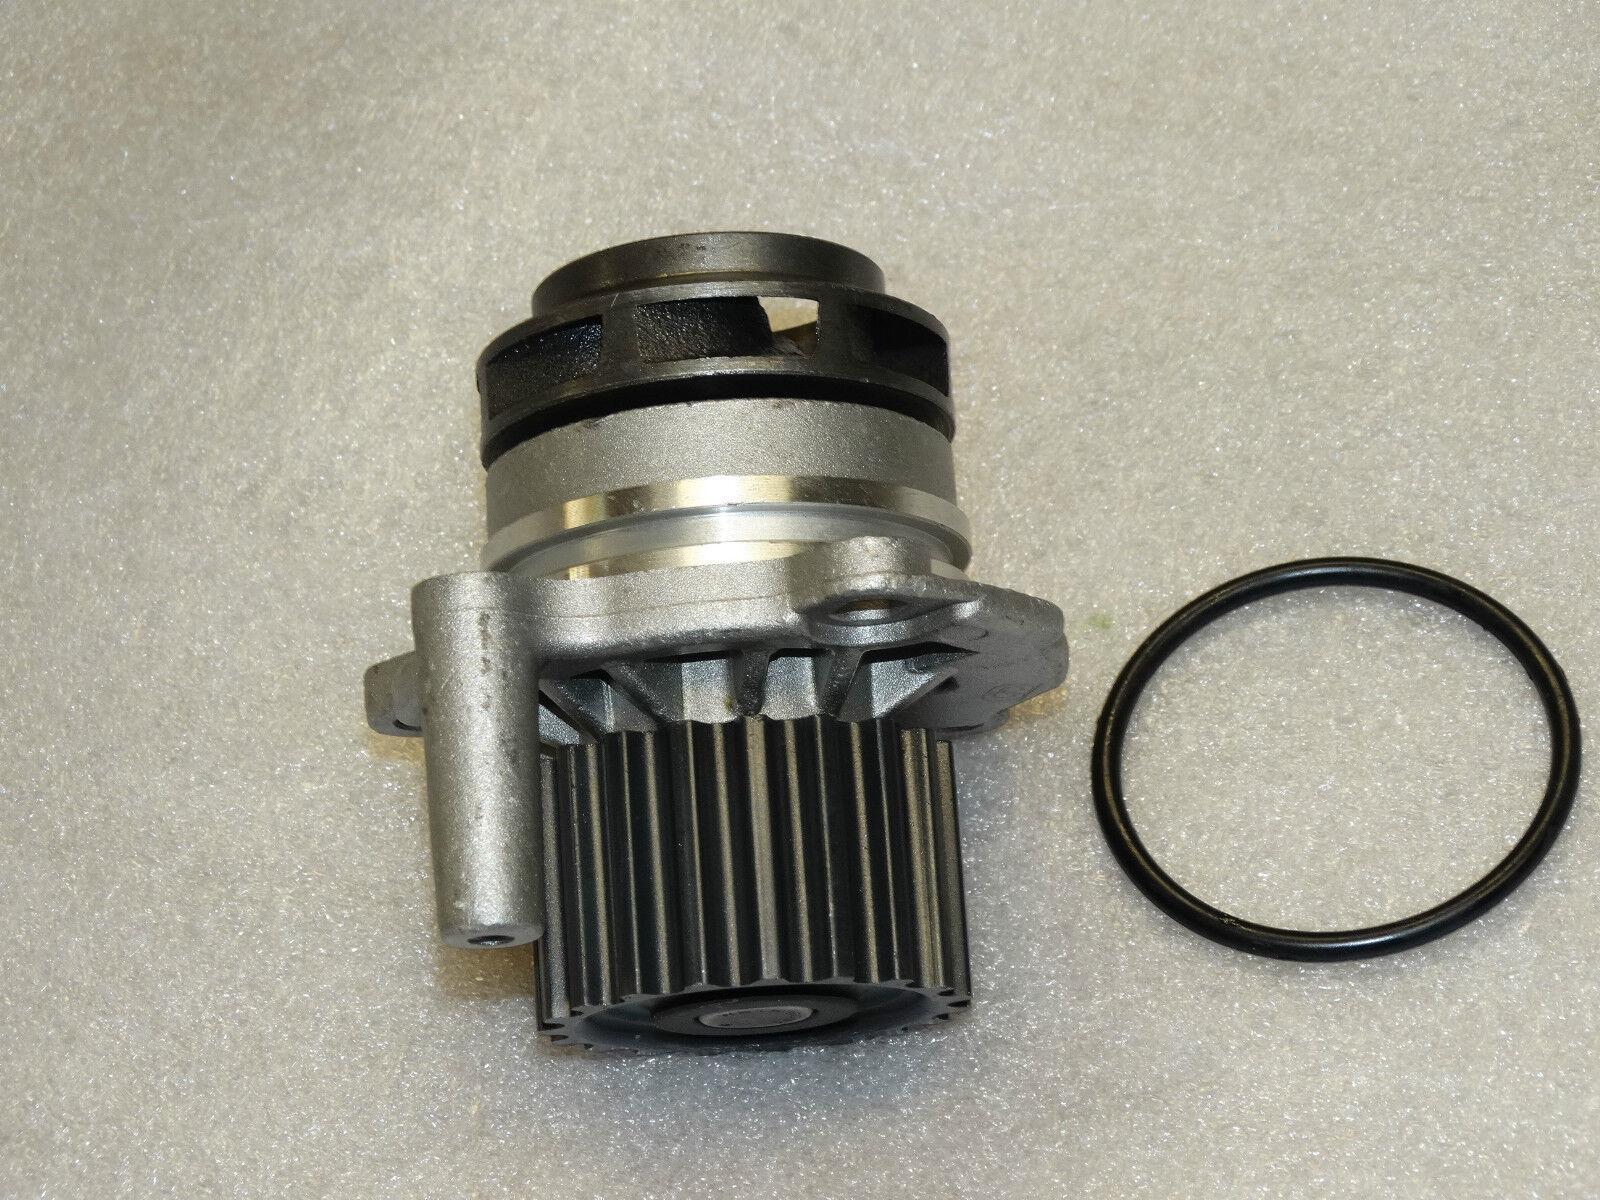 Mechanical Waterpump for Volkswagen Passat /& Touran Continental Direct CDWP32